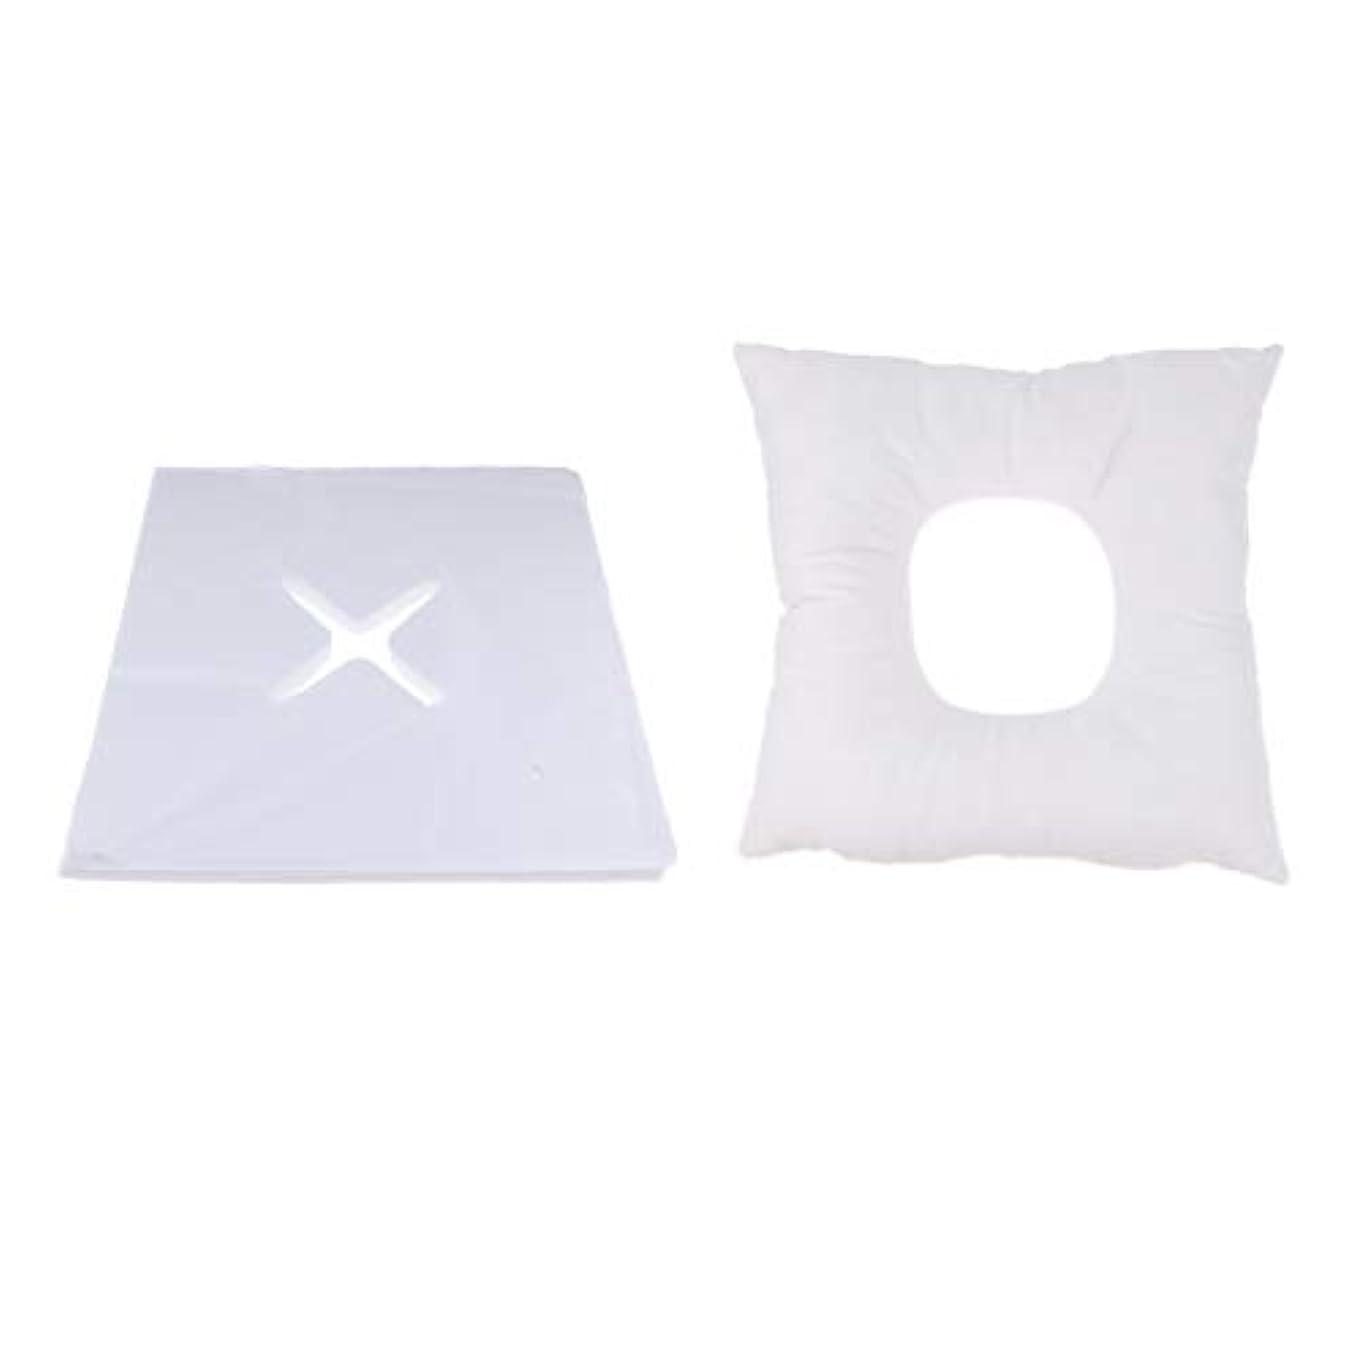 蜂おなかがすいた委託Fenteer マッサージ枕 顔枕 フェイスマット フェイスピロー 200個使い捨てカバー付 マッサージテーブル用 快適